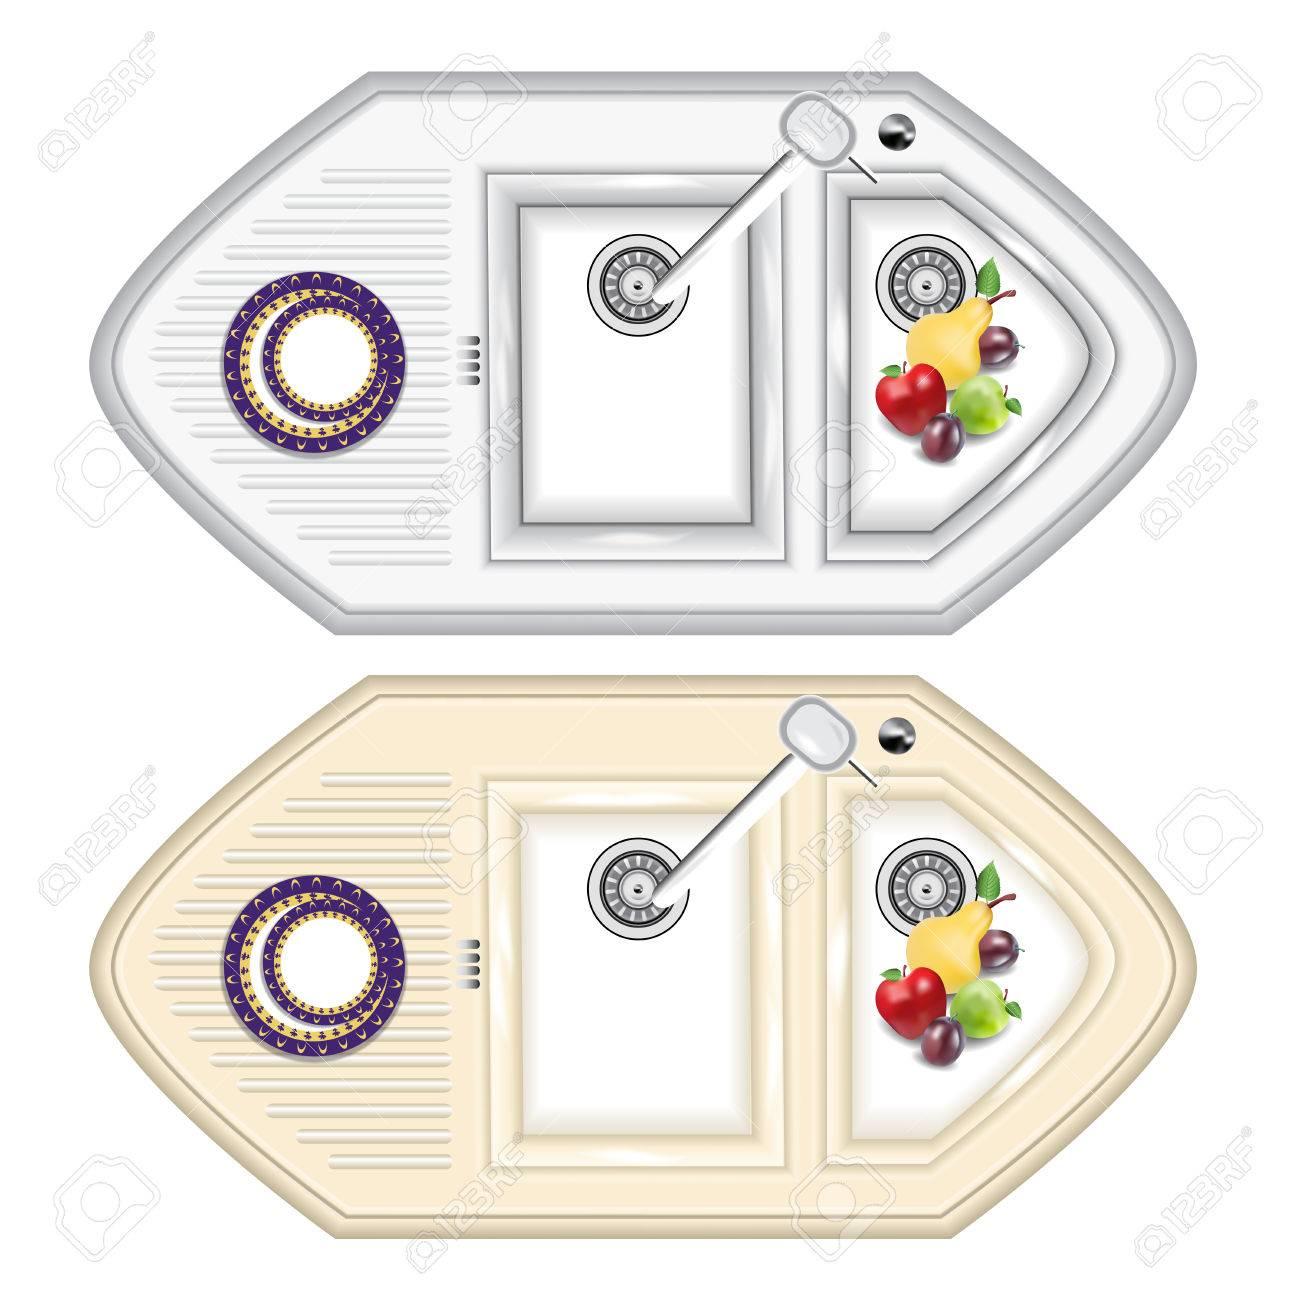 Die Küchenspüle Ist Aus Metall Und Stein. Küchenspüle Mit ...